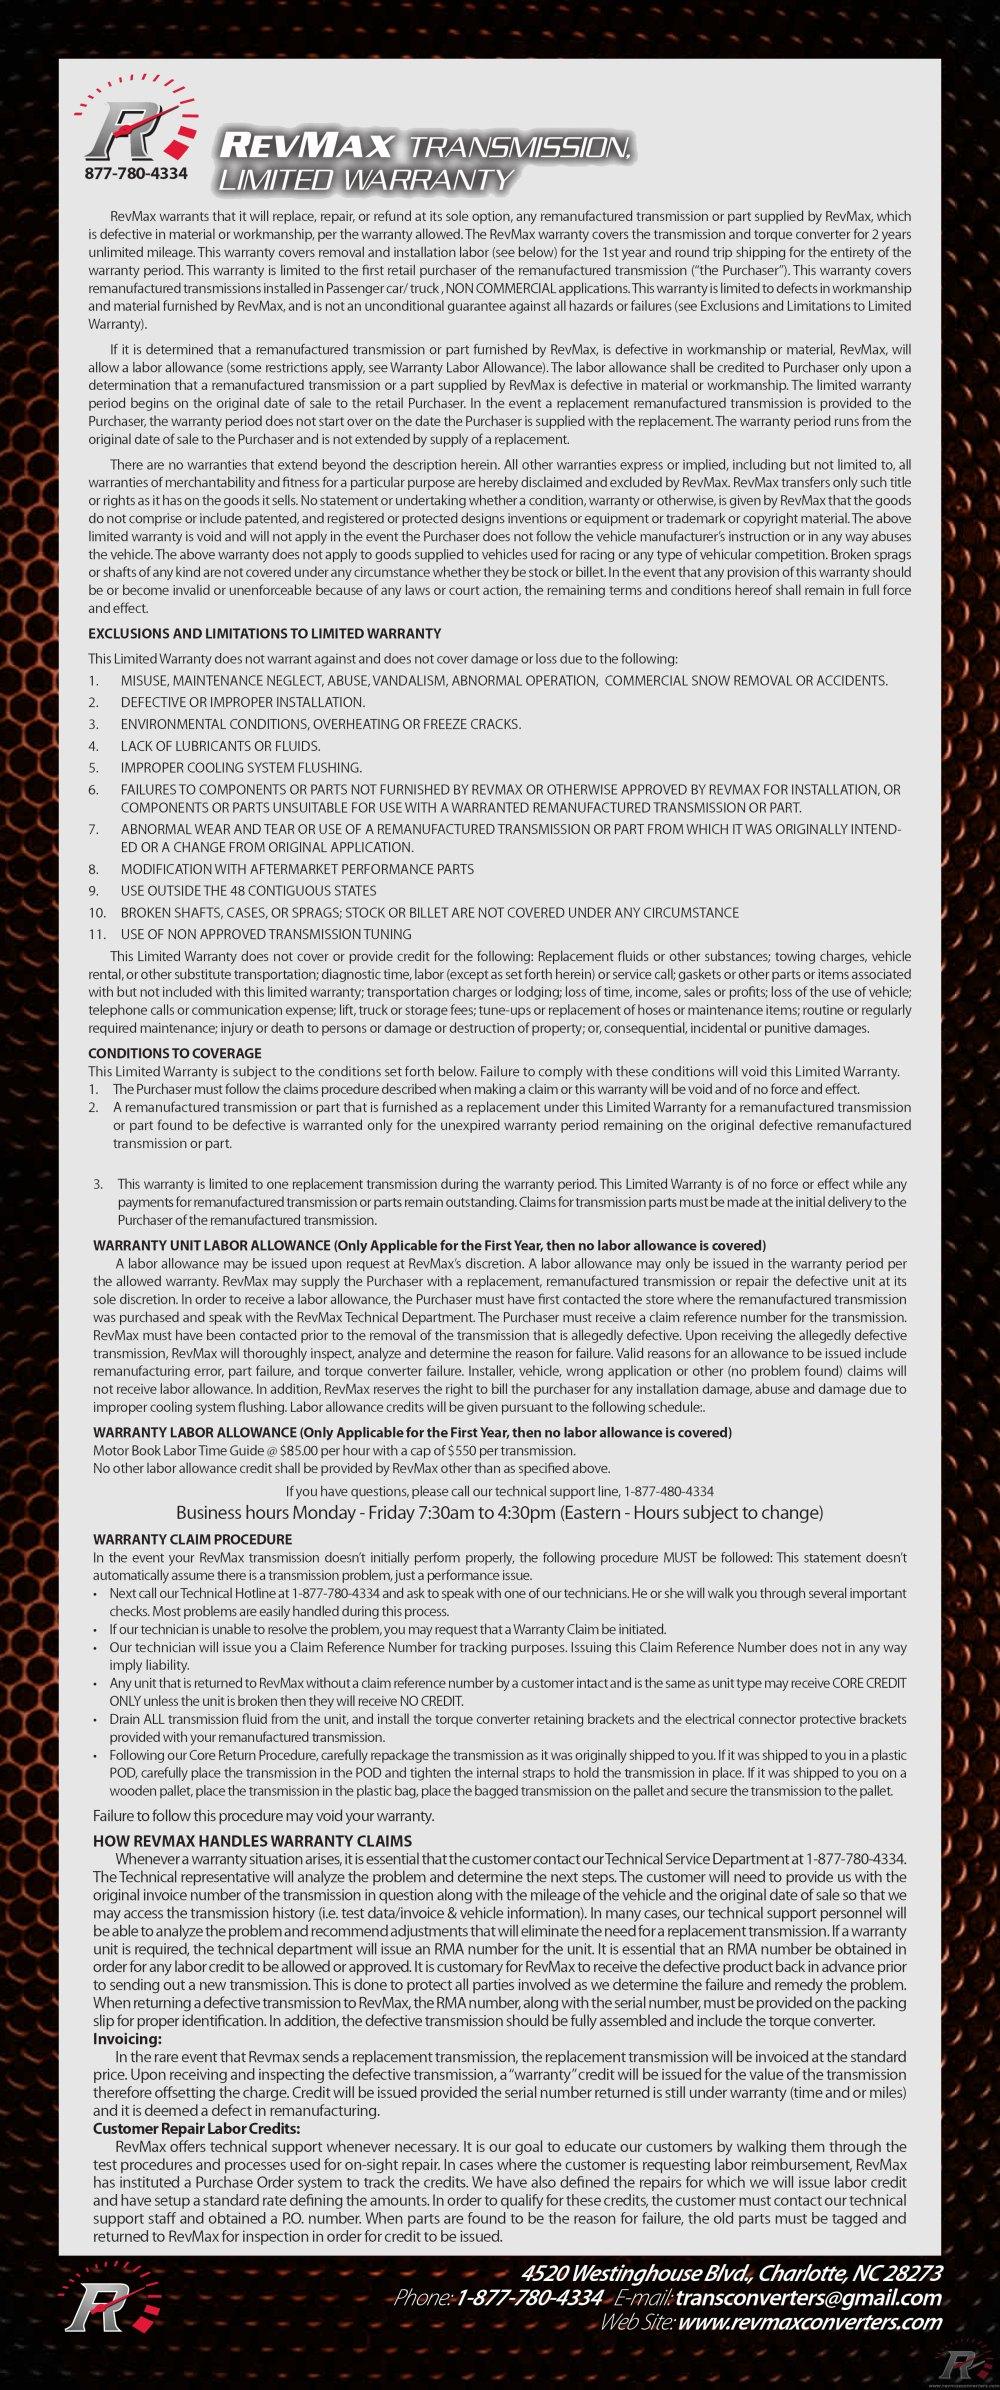 medium resolution of revmax warranty